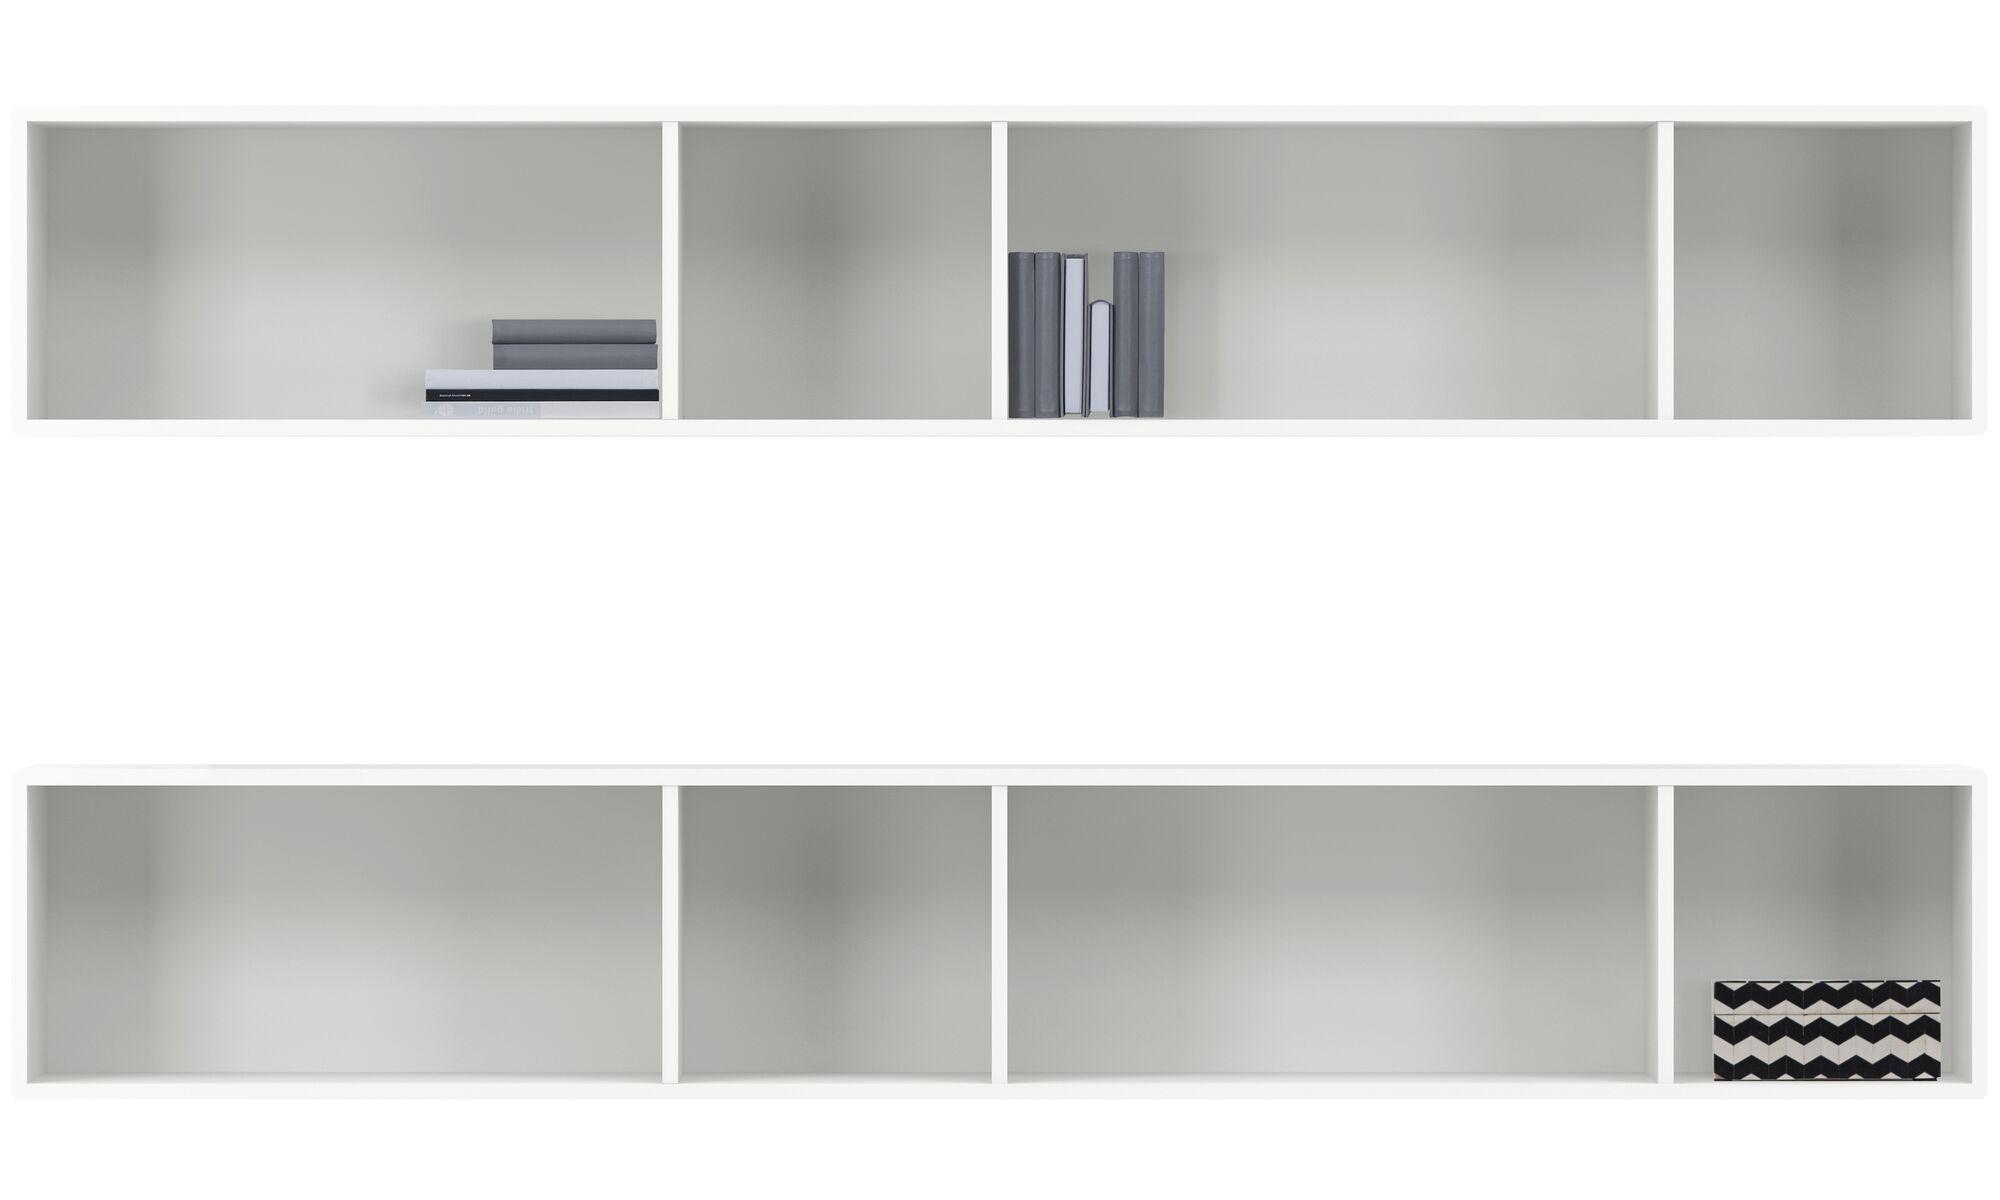 rega y system rega owy como boconcept. Black Bedroom Furniture Sets. Home Design Ideas